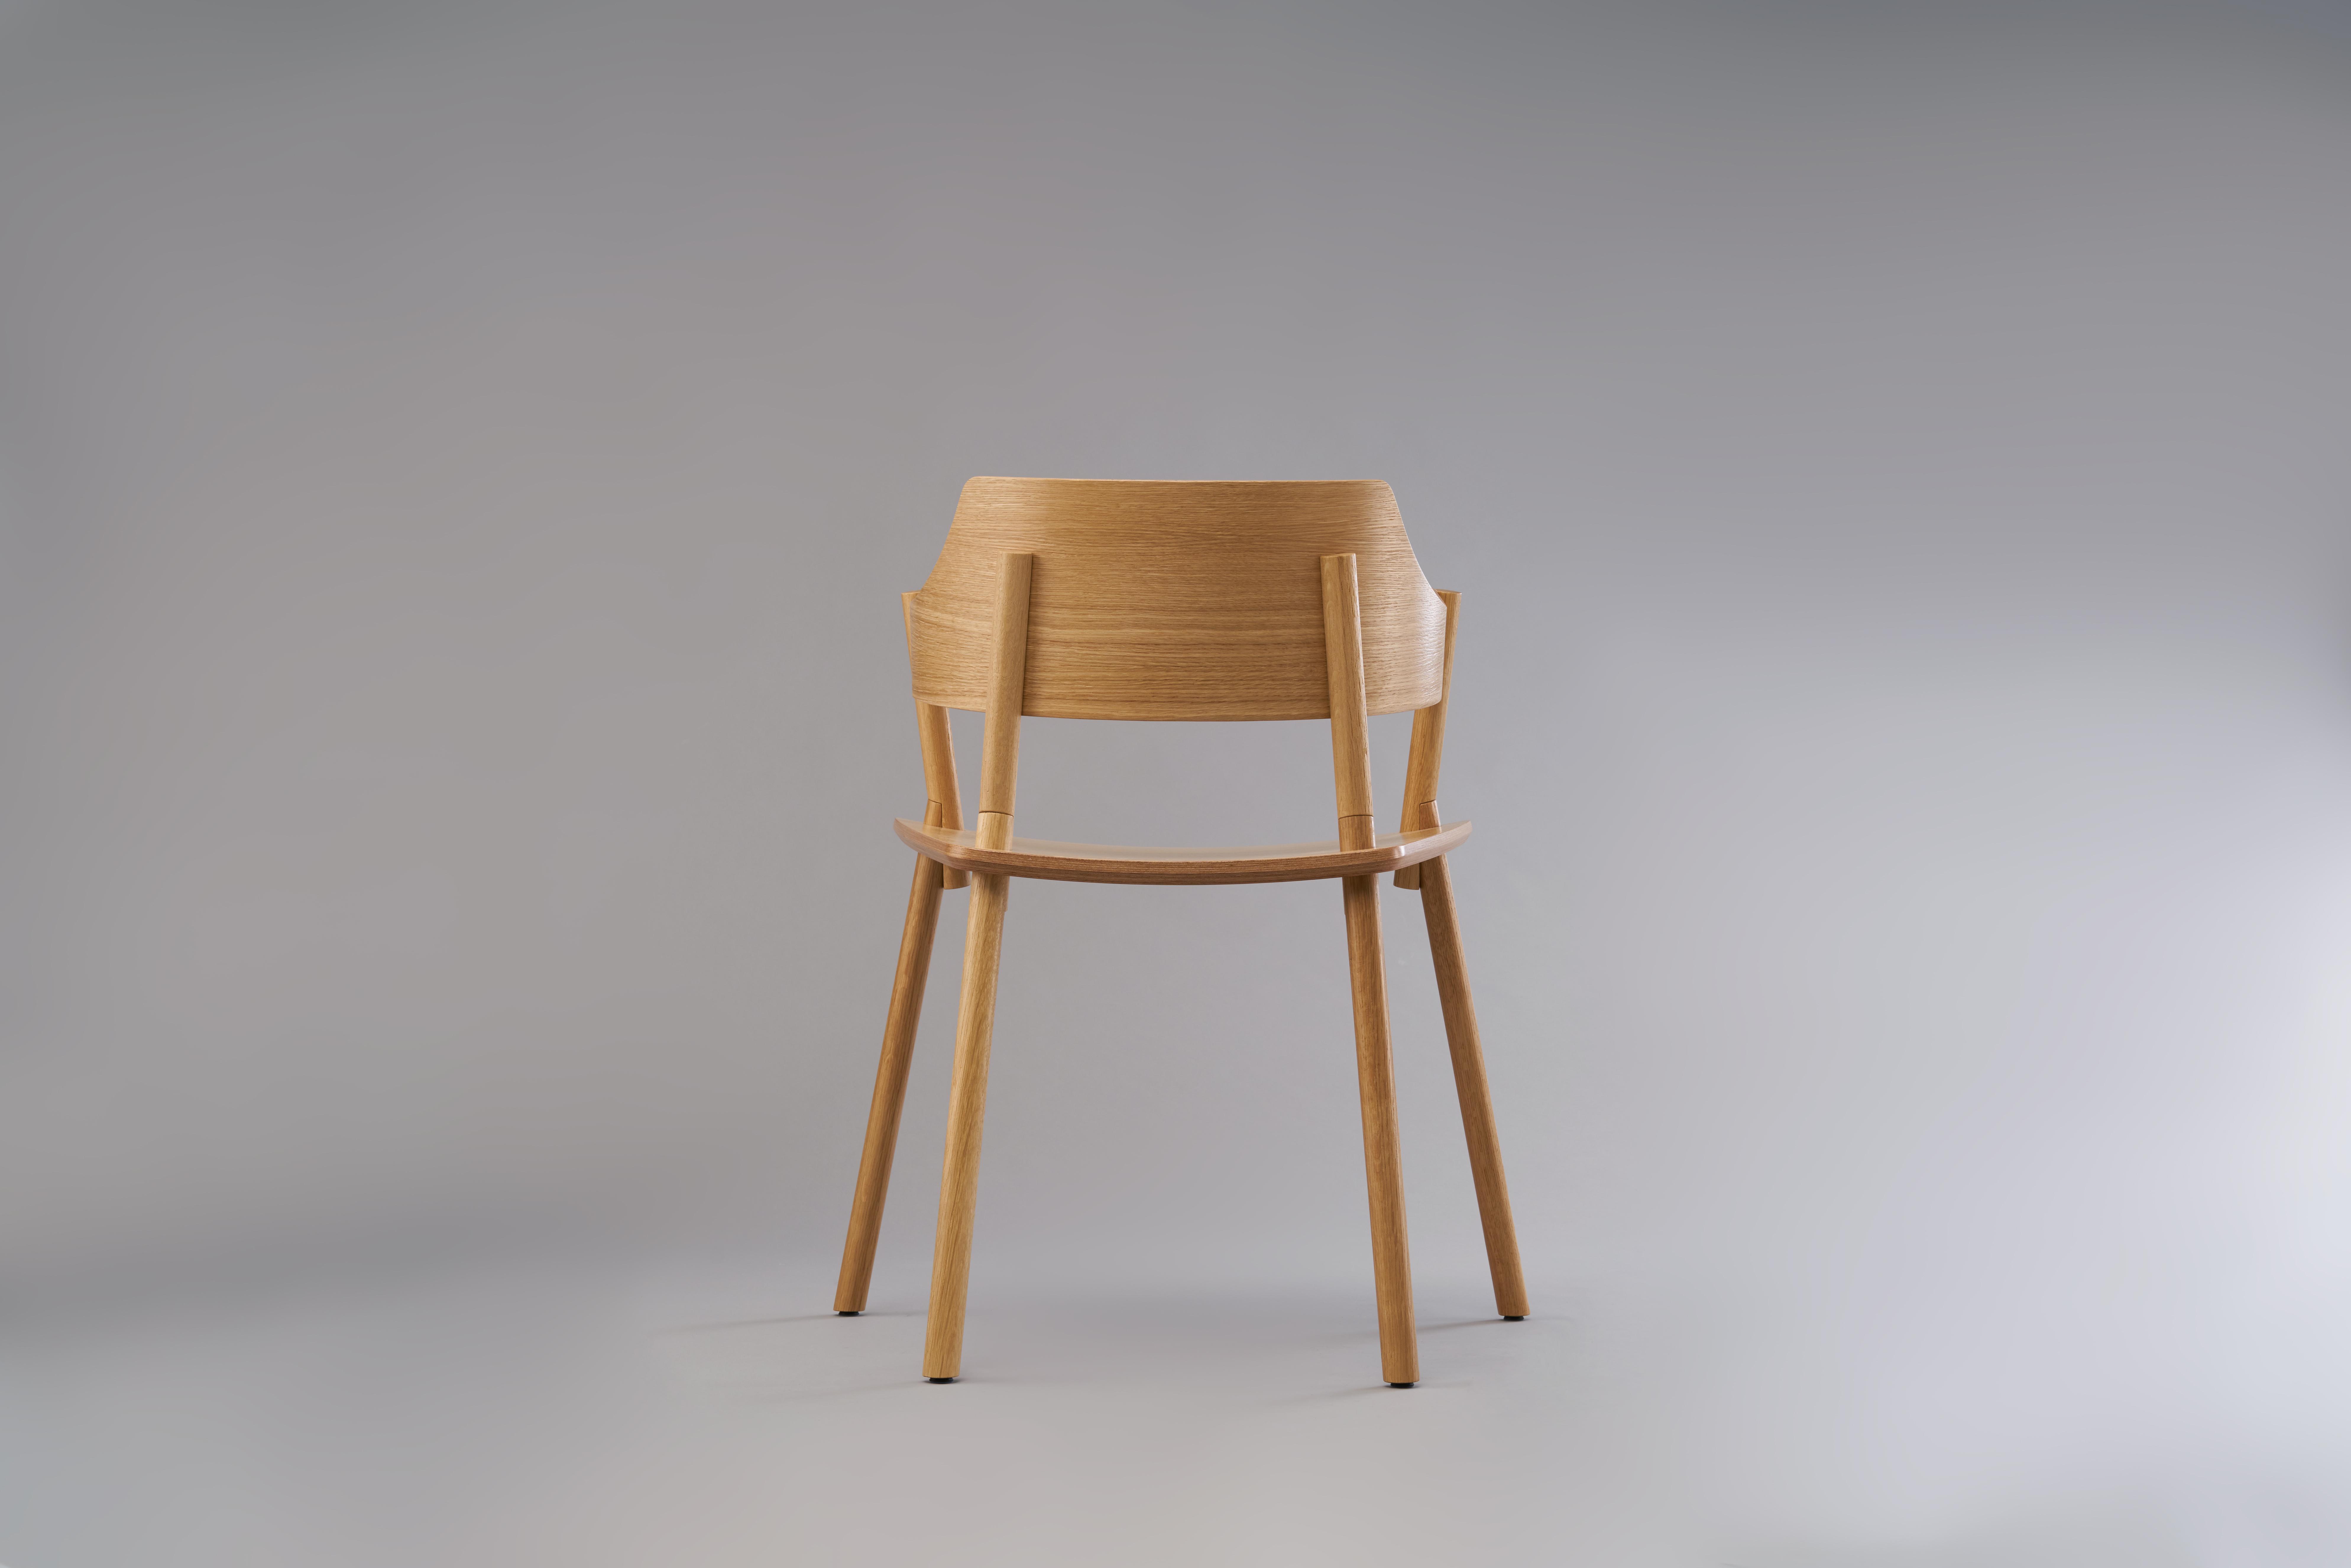 חן - רהיטים בלחץ 4.7.1701091